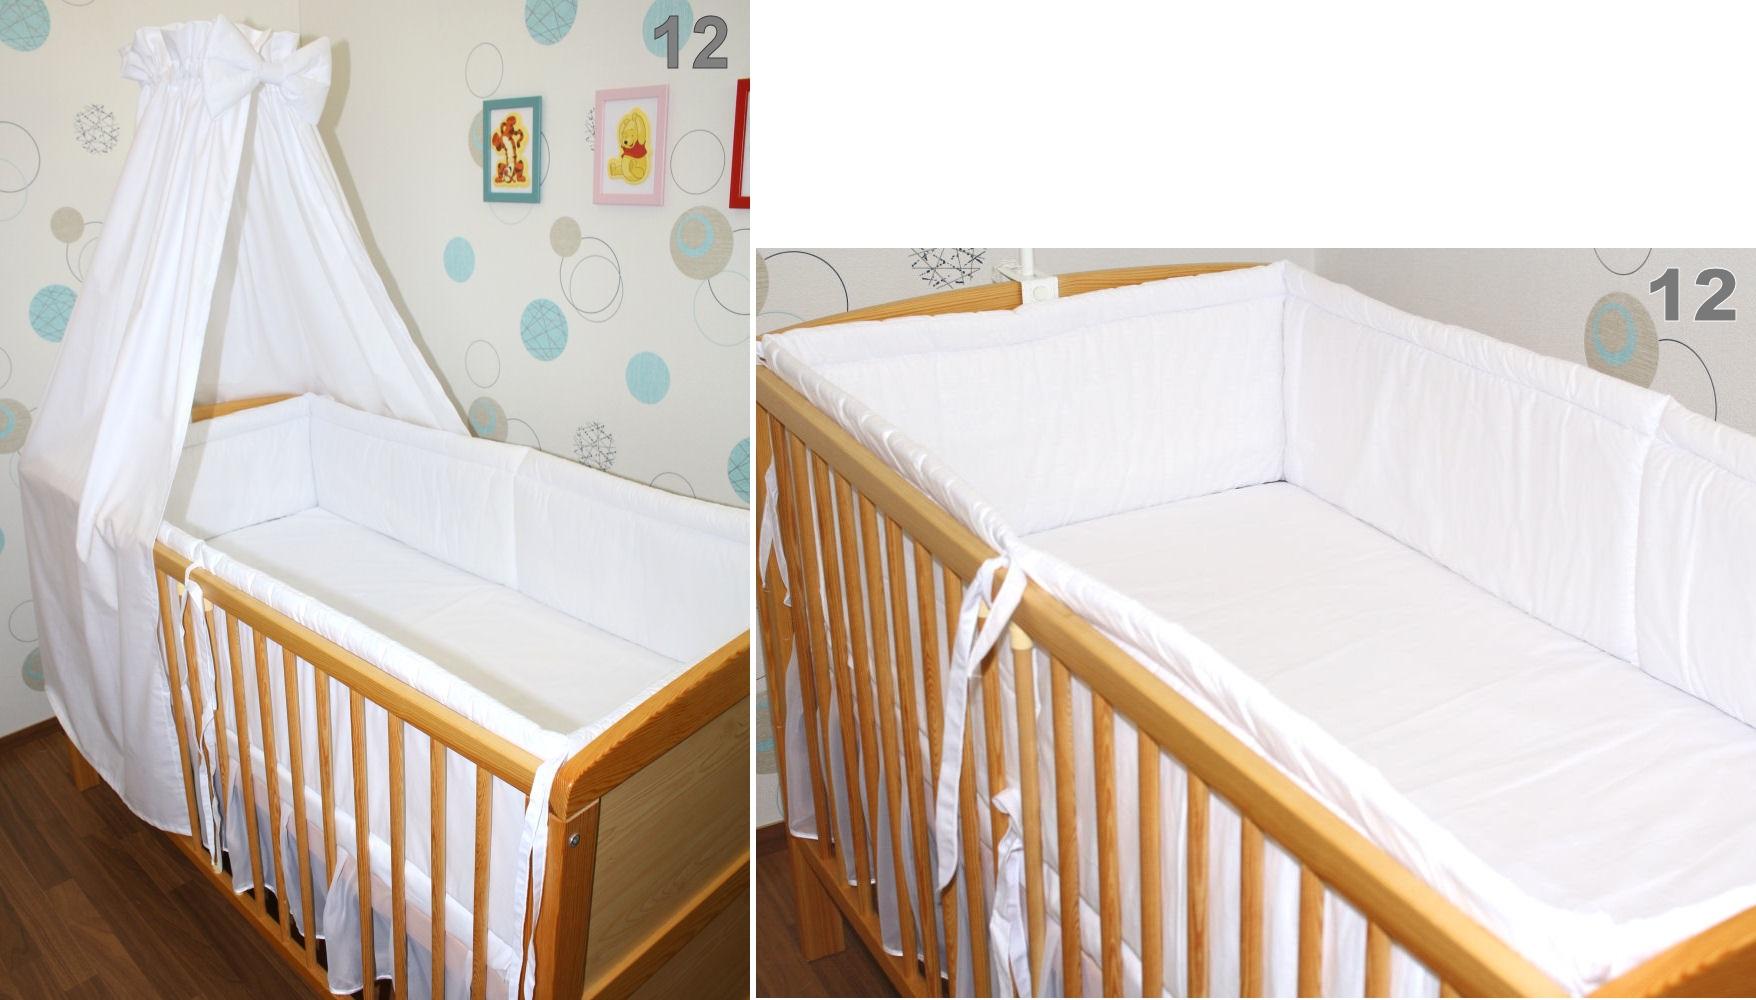 6 tlg baby kinder bettset mit 420 cm rundum nestchen. Black Bedroom Furniture Sets. Home Design Ideas